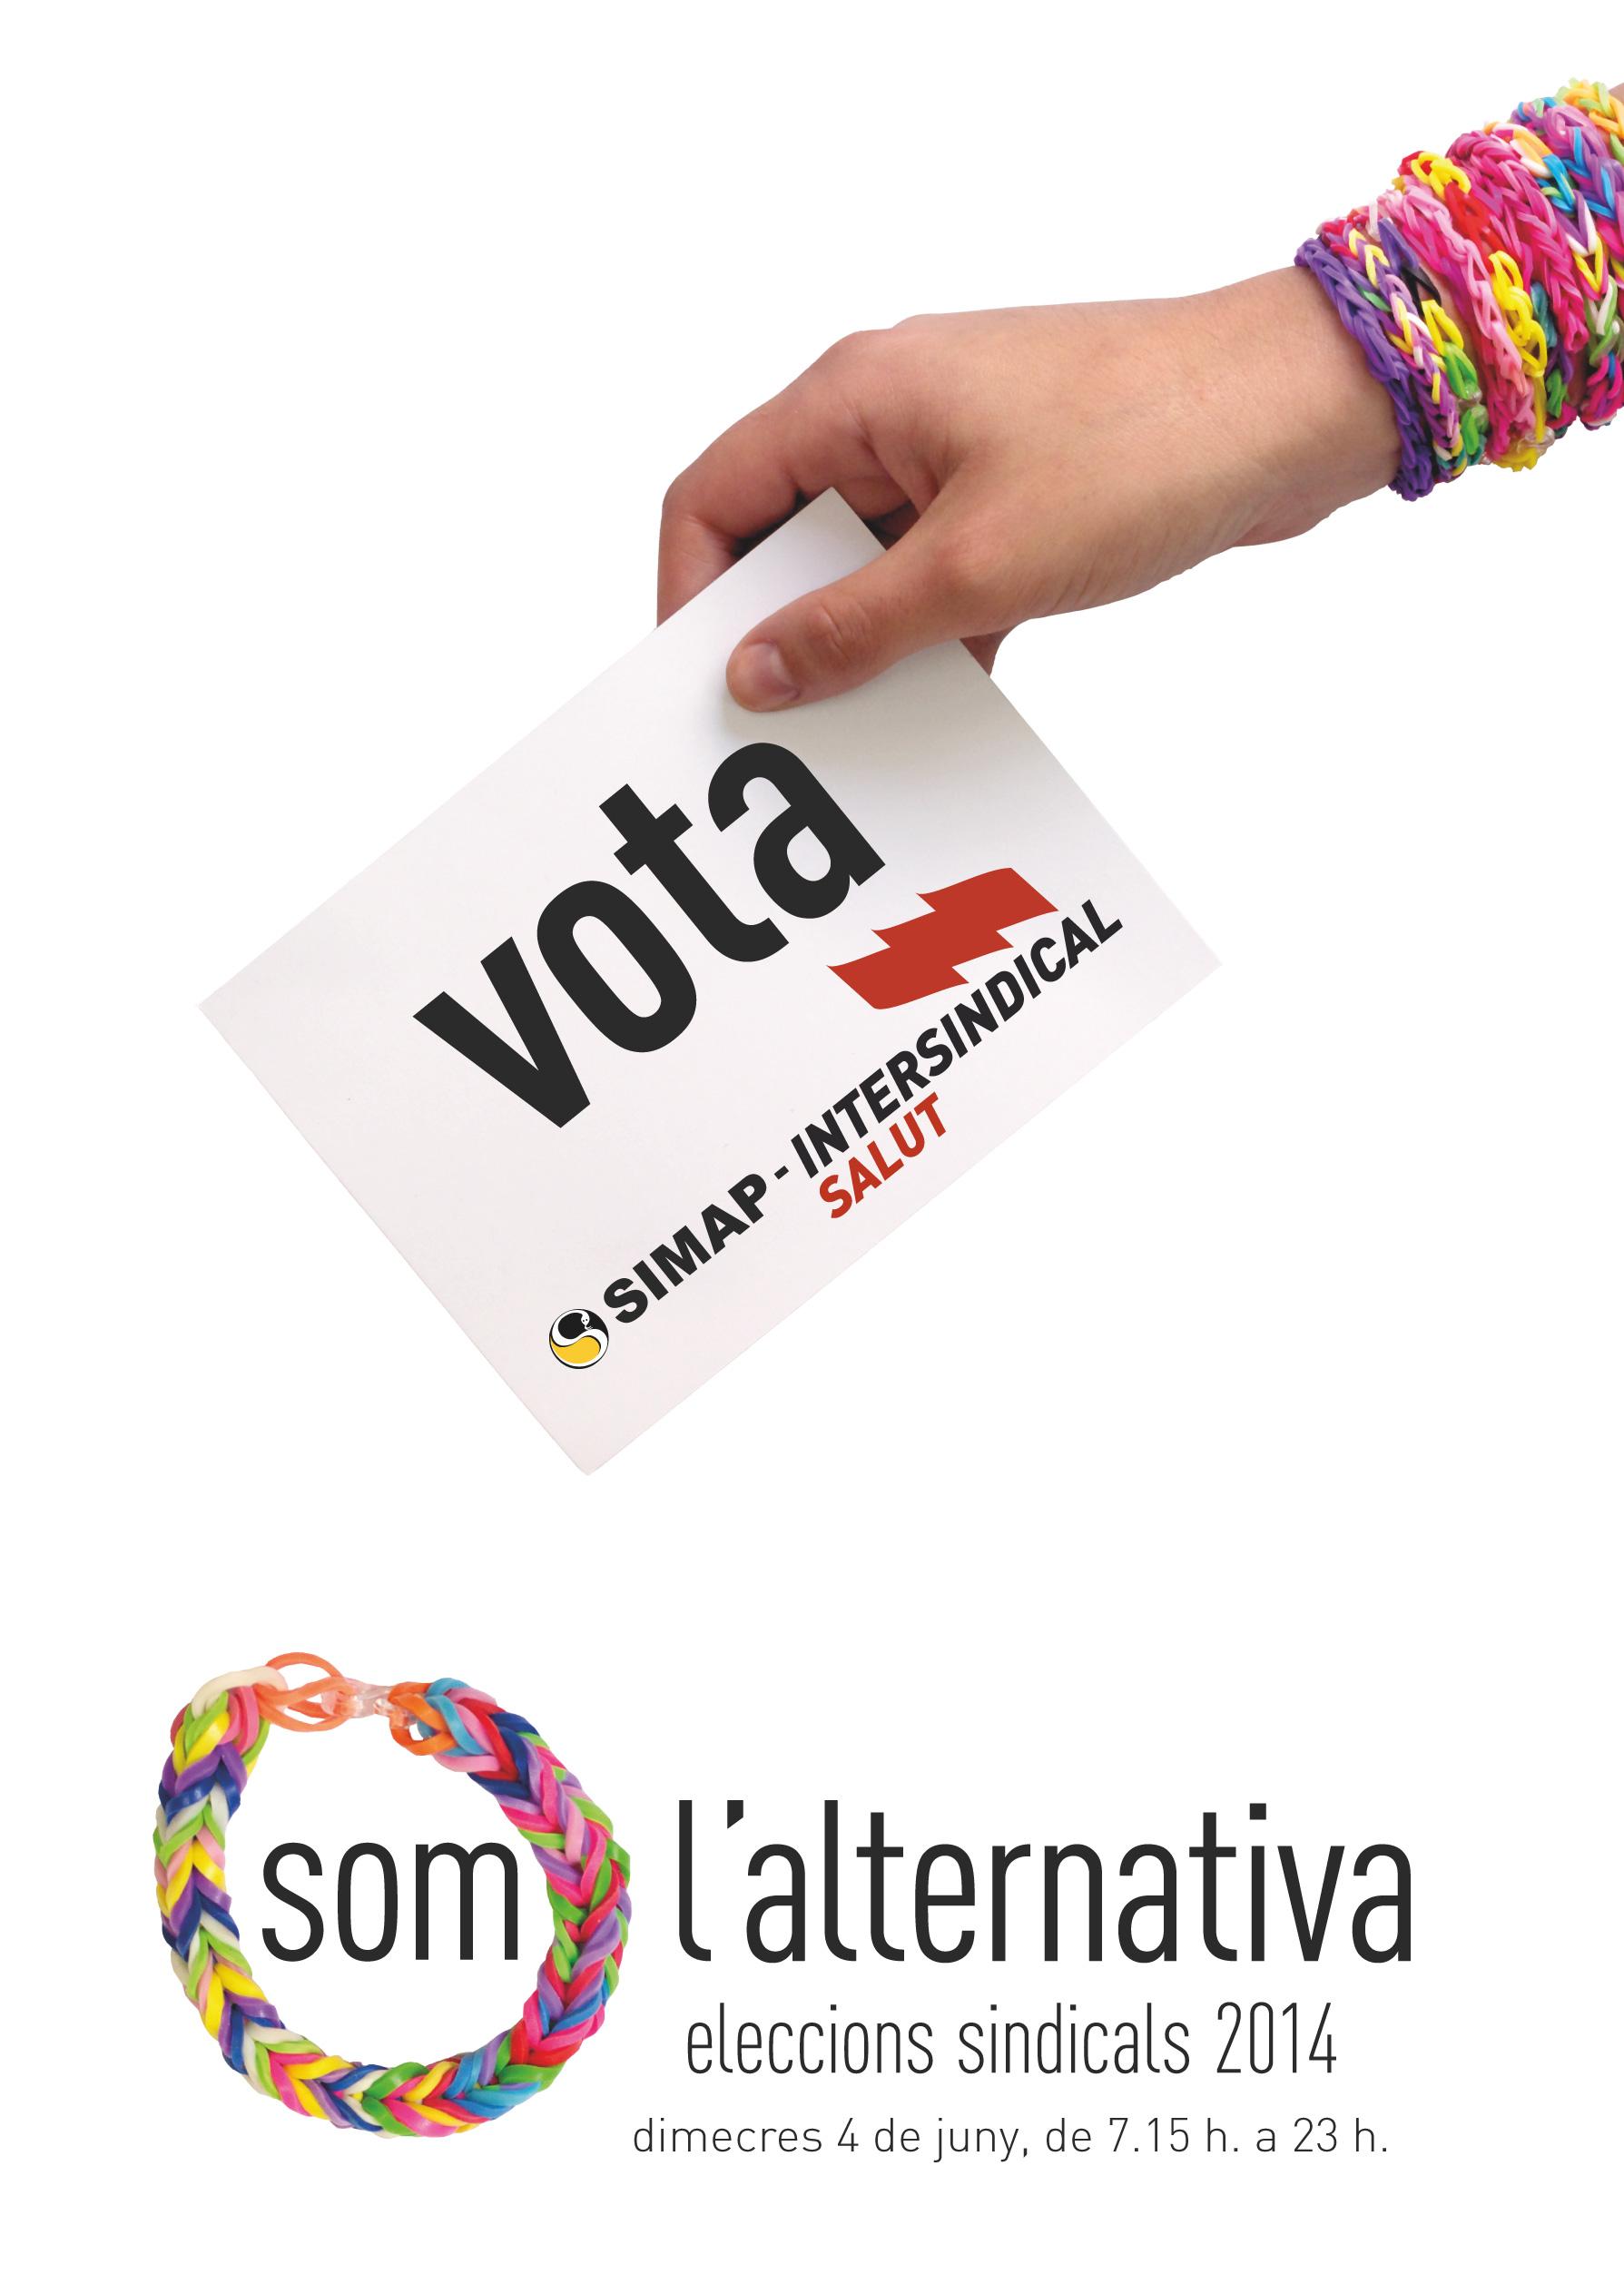 vota2